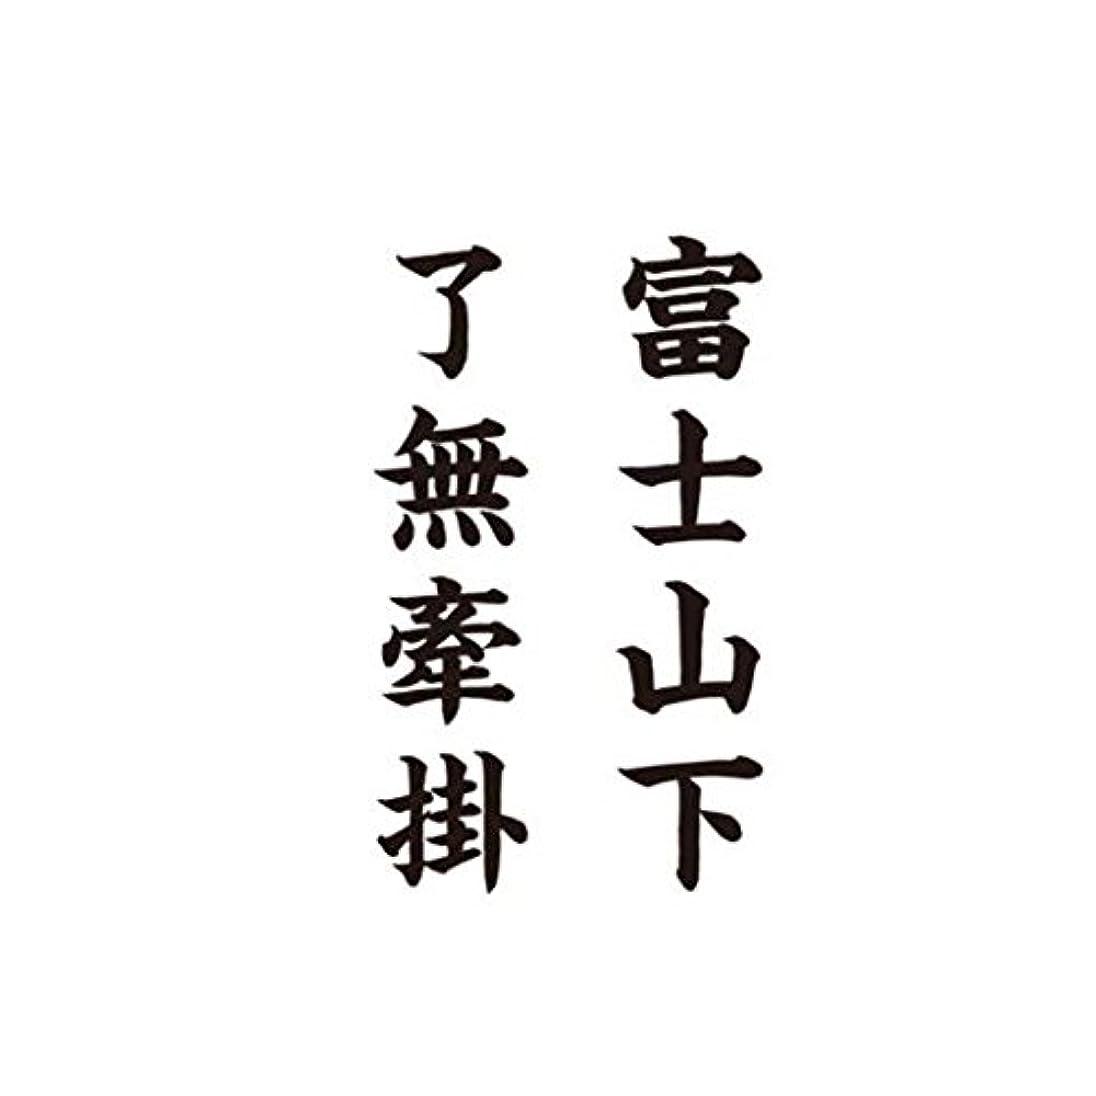 オーバーフロー有用コースタトゥー耐久シミュレーション中国語ステッカー